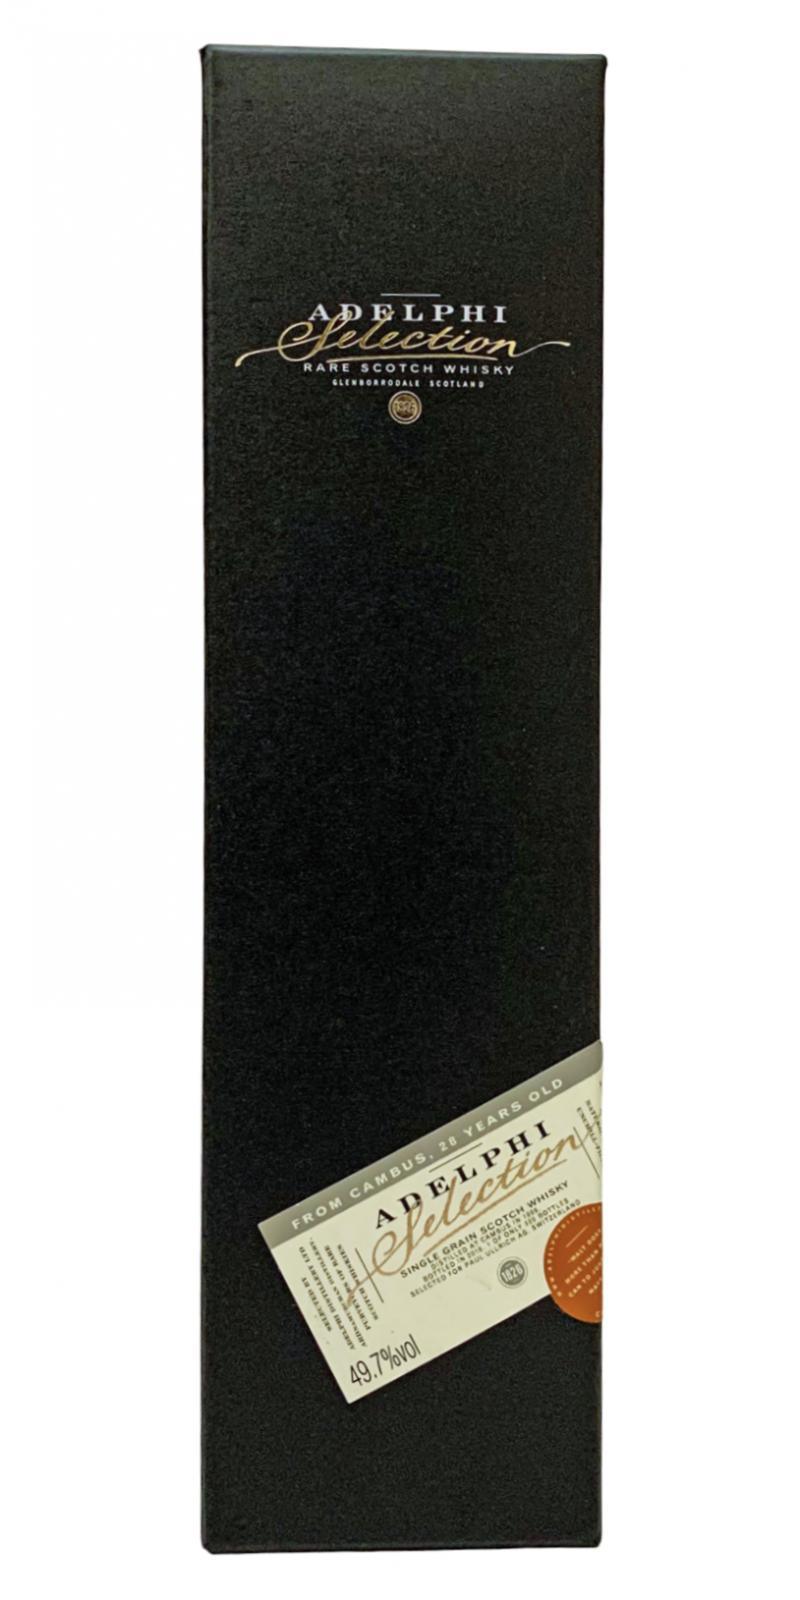 Cambus 1988 AD